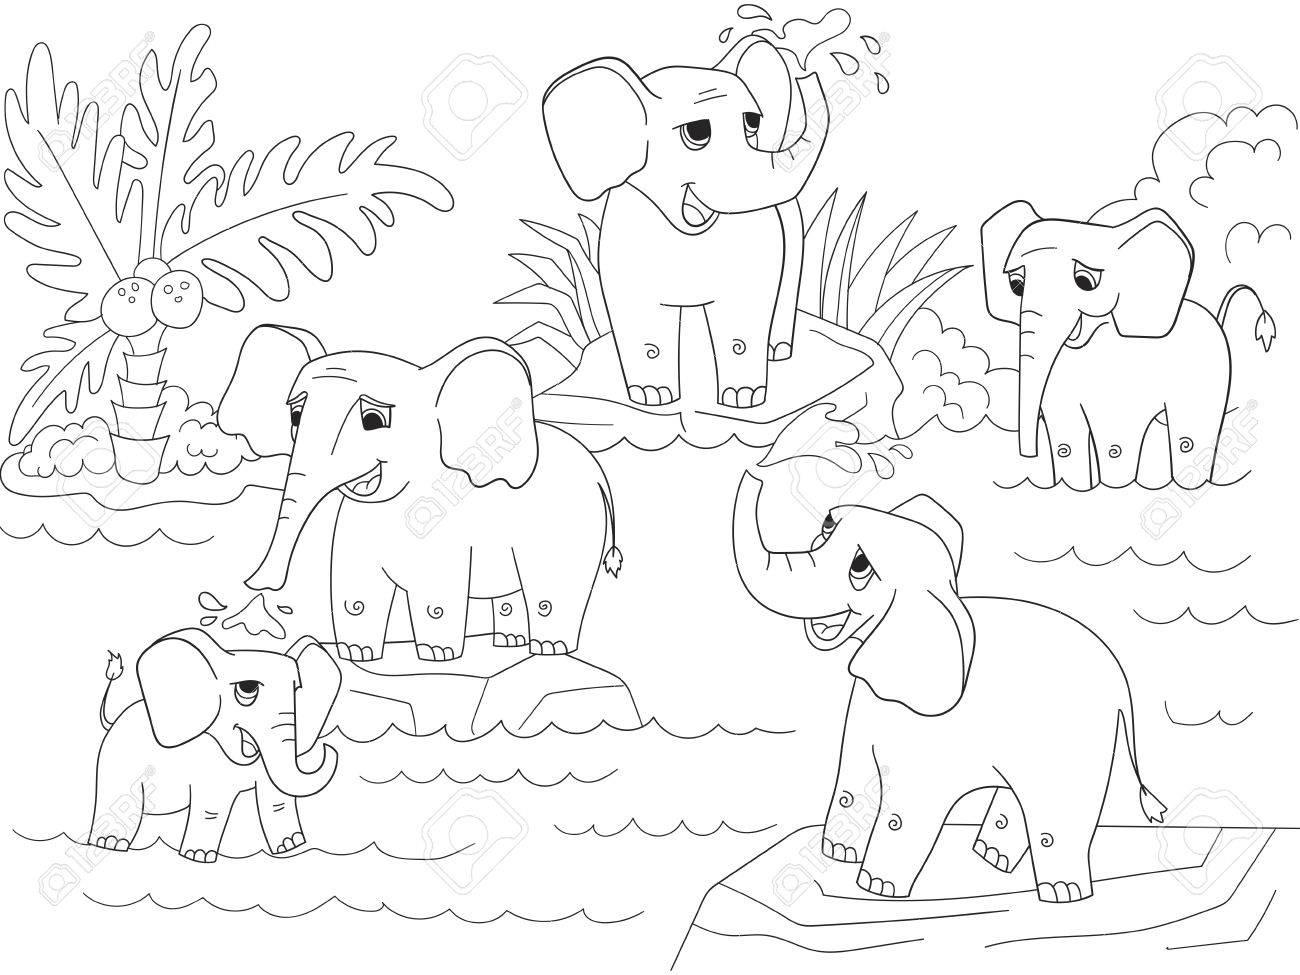 Familia De Elefantes Africanos Para Colorear La Ilustración Vectorial Niños De Dibujos Animados